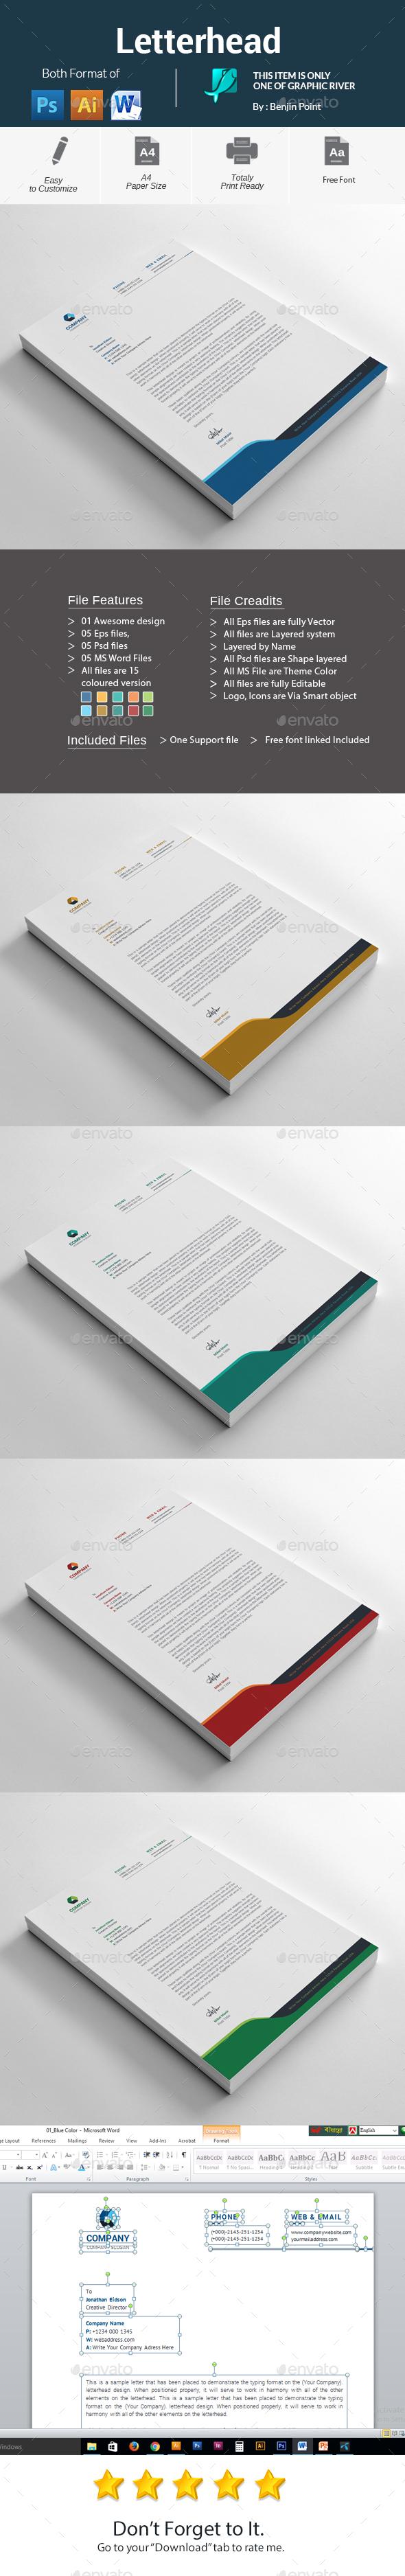 GraphicRiver Letterhead 20946901